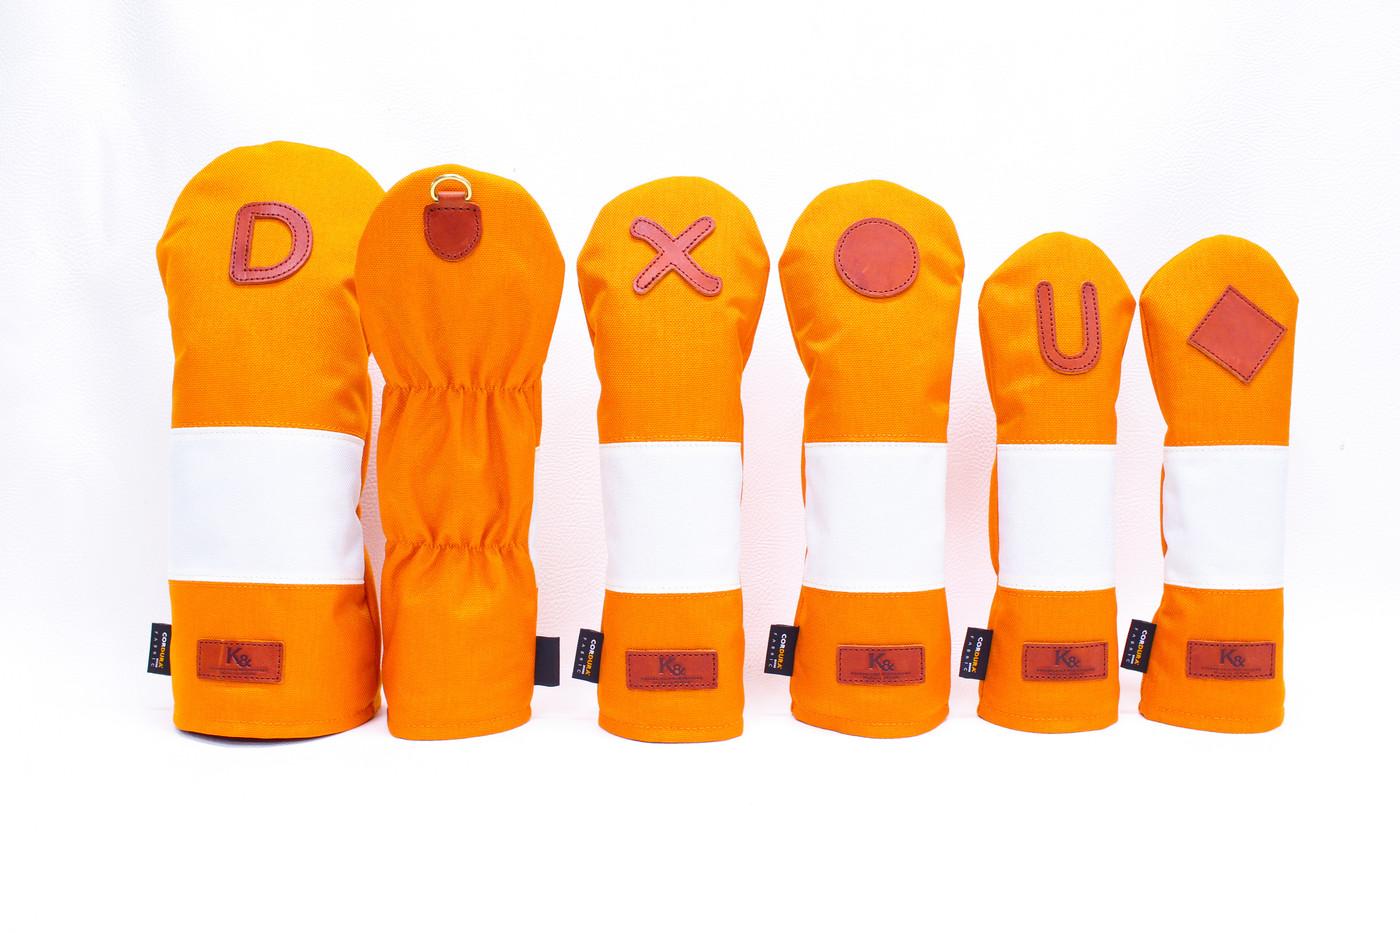 K& HC-Mit COBA ヘッドカバー オレンジ、オフホワイト×fieno 2